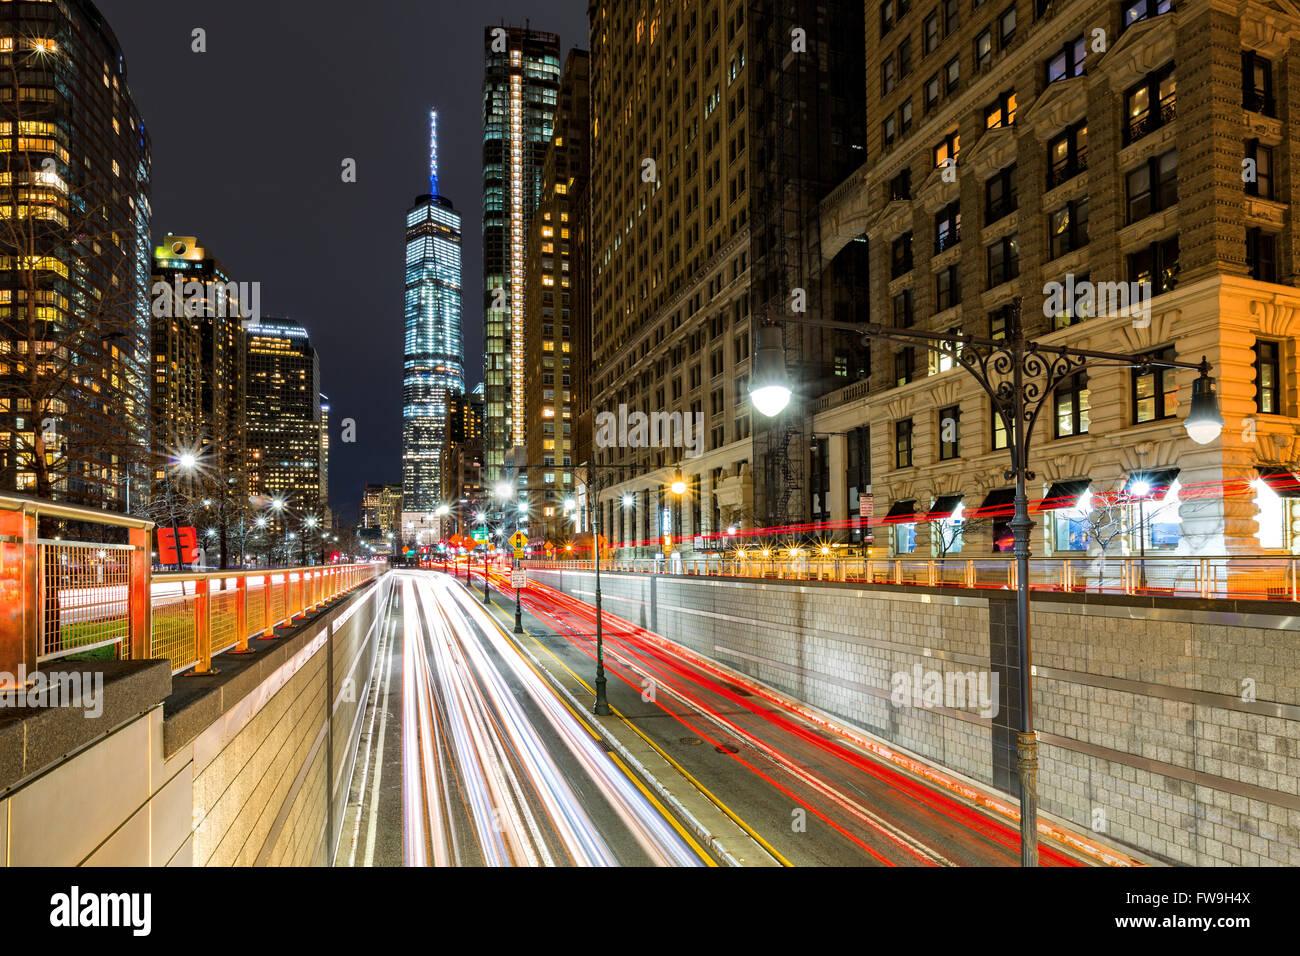 Senderos de tráfico en el centro de la ciudad de Nueva York en la entrada en el parque Battery Tunnel Imagen De Stock